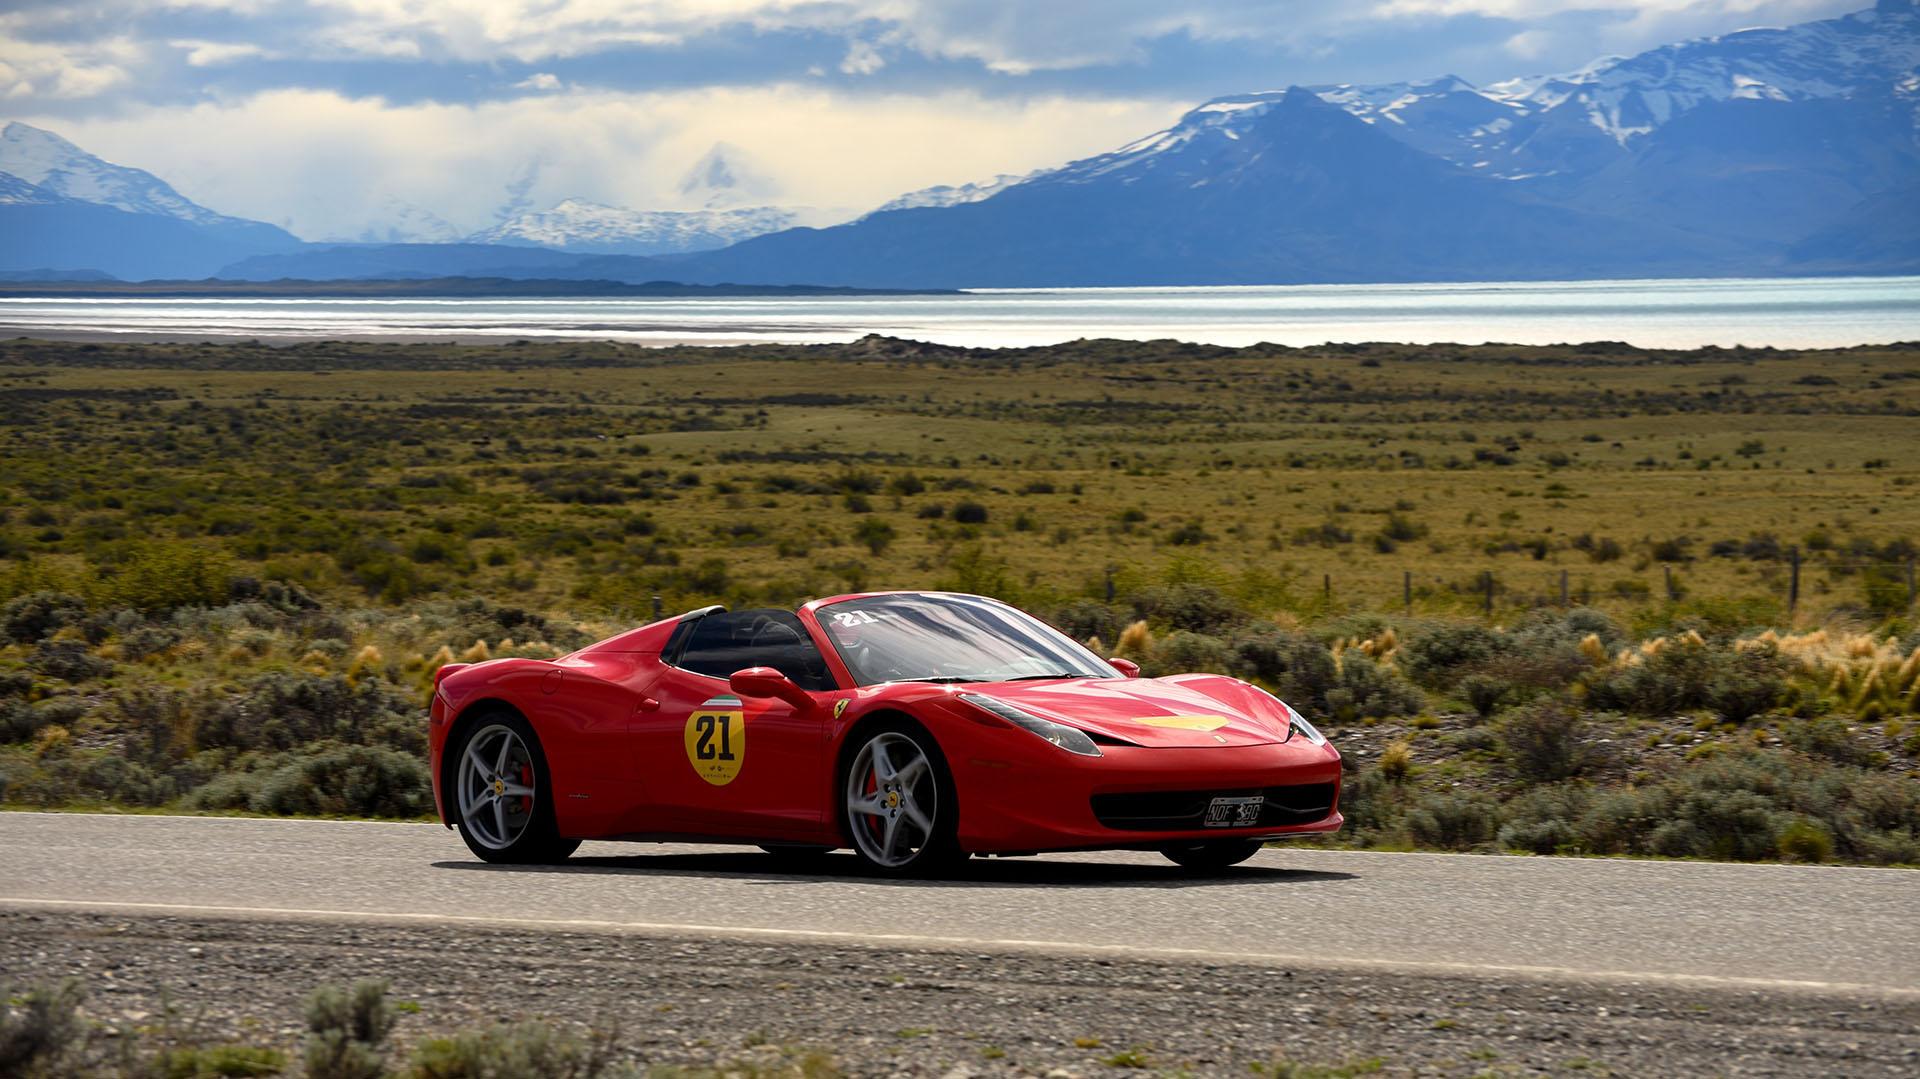 El recorrido continuó con Puerto Natales y Las Torres del Paine para luego cruzar a la Argentina. Por la tarde realizaron una exhibición pública en el Anfiteatro de El Calafate y pasaron la primera noche en el hotel Alto Calafate, en la provincia de Santa Cruz. Al día siguiente se dirigieron al Glaciar Perito Moreno